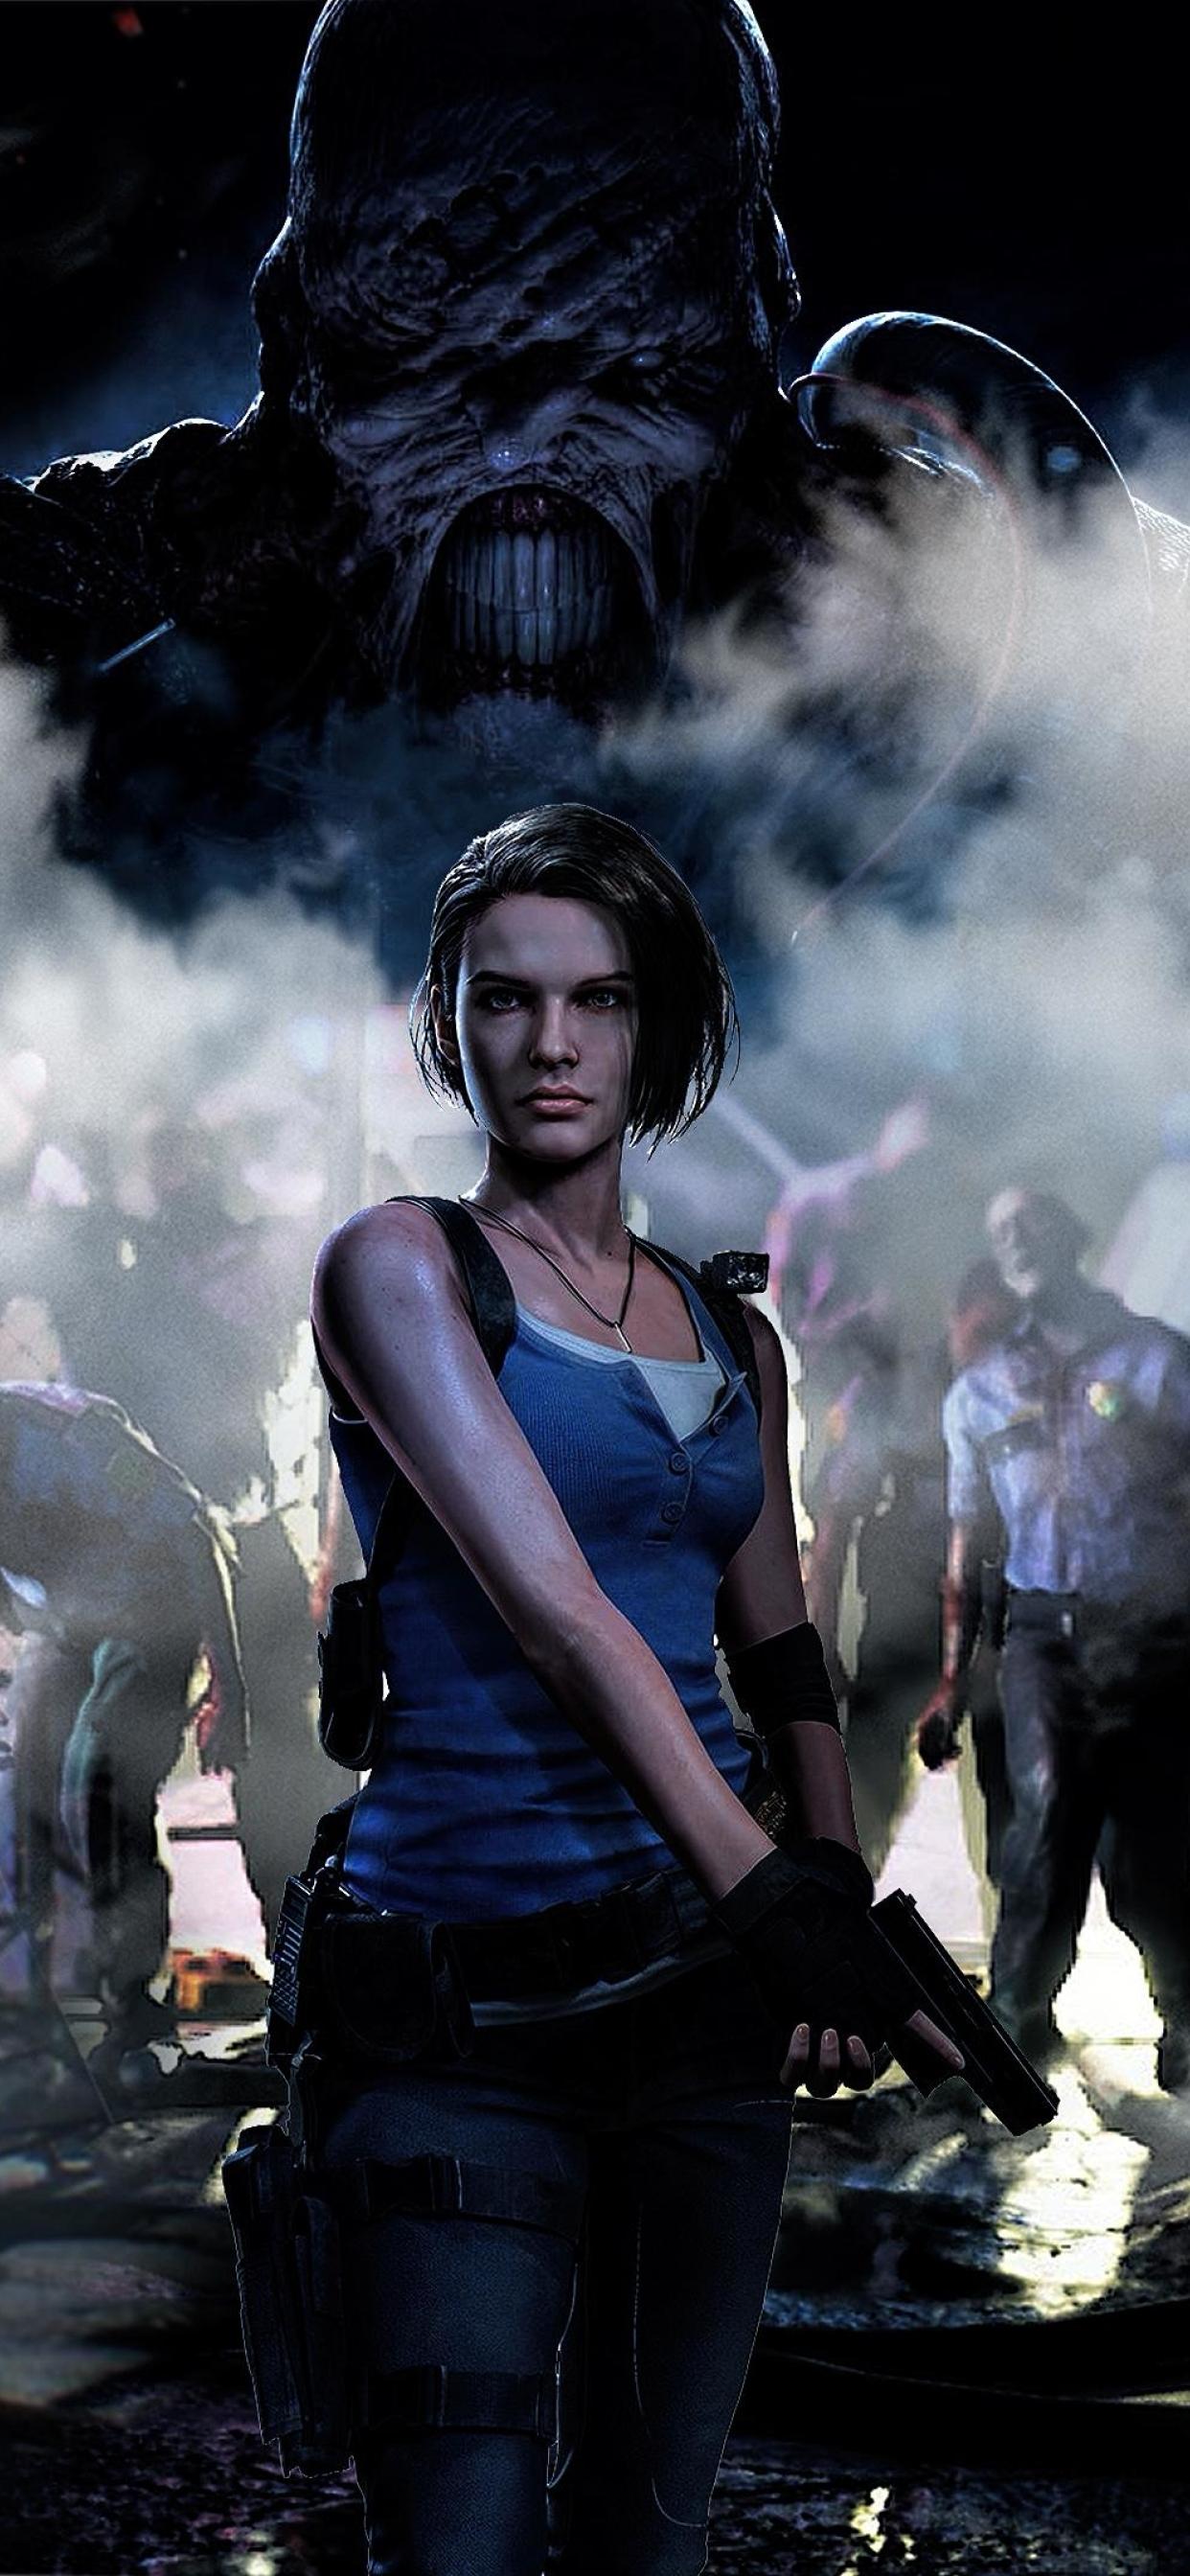 1242x2688 4k Jill Valentine Resident Evil 3 Iphone Xs Max